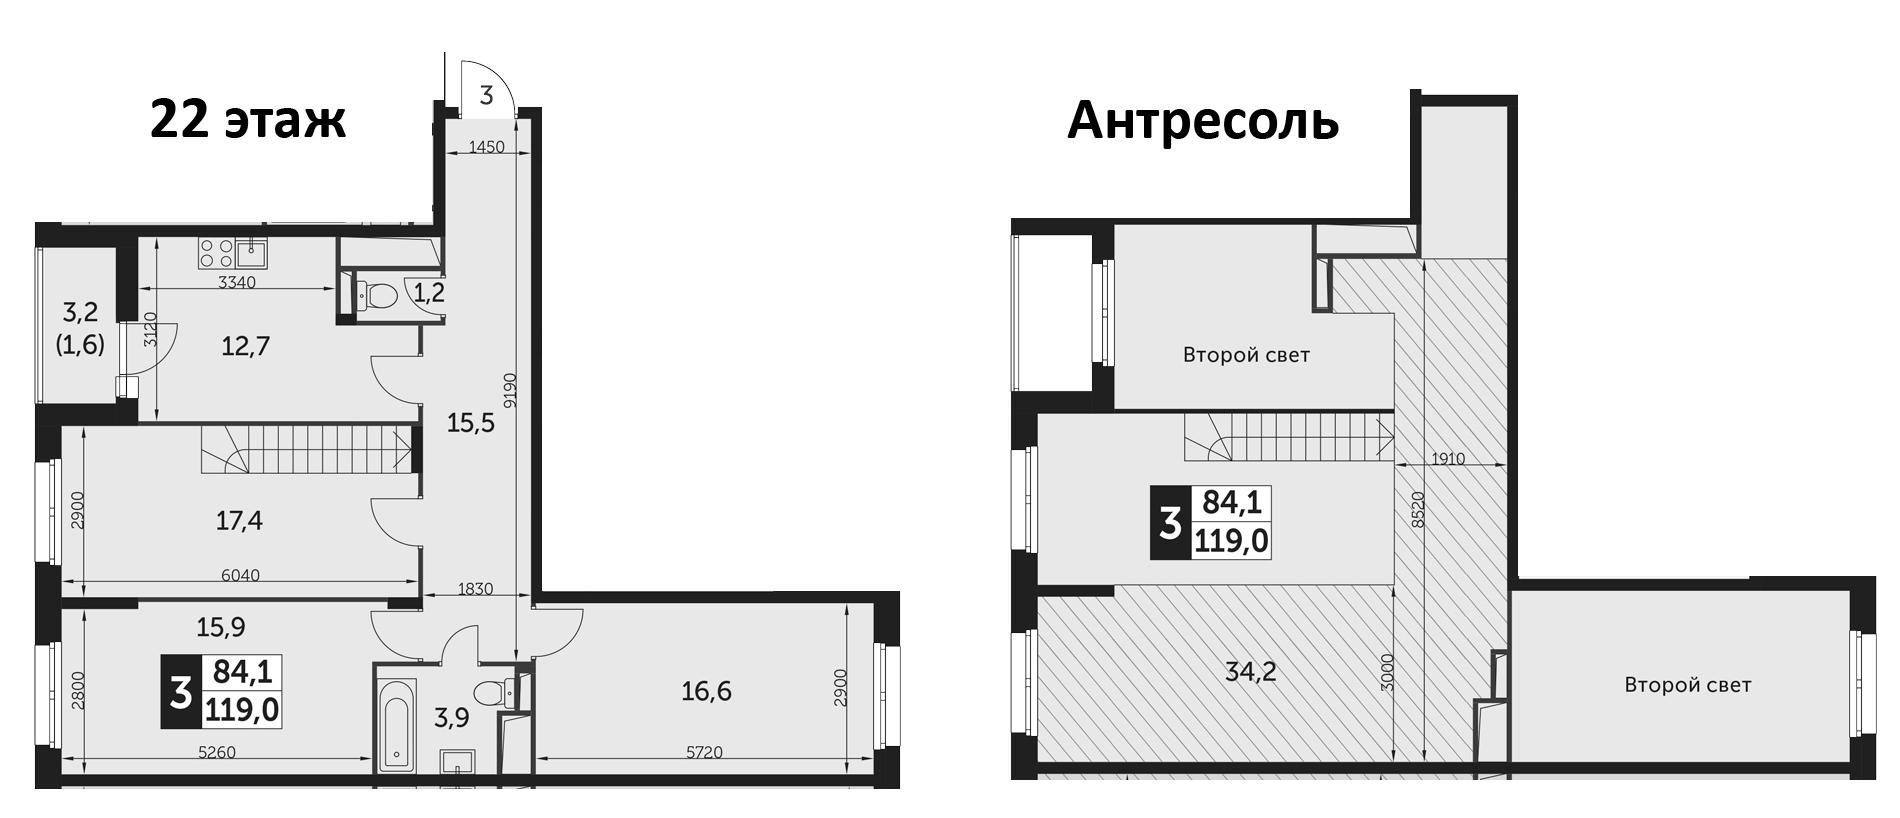 3-комнатная, 119 м²– 2